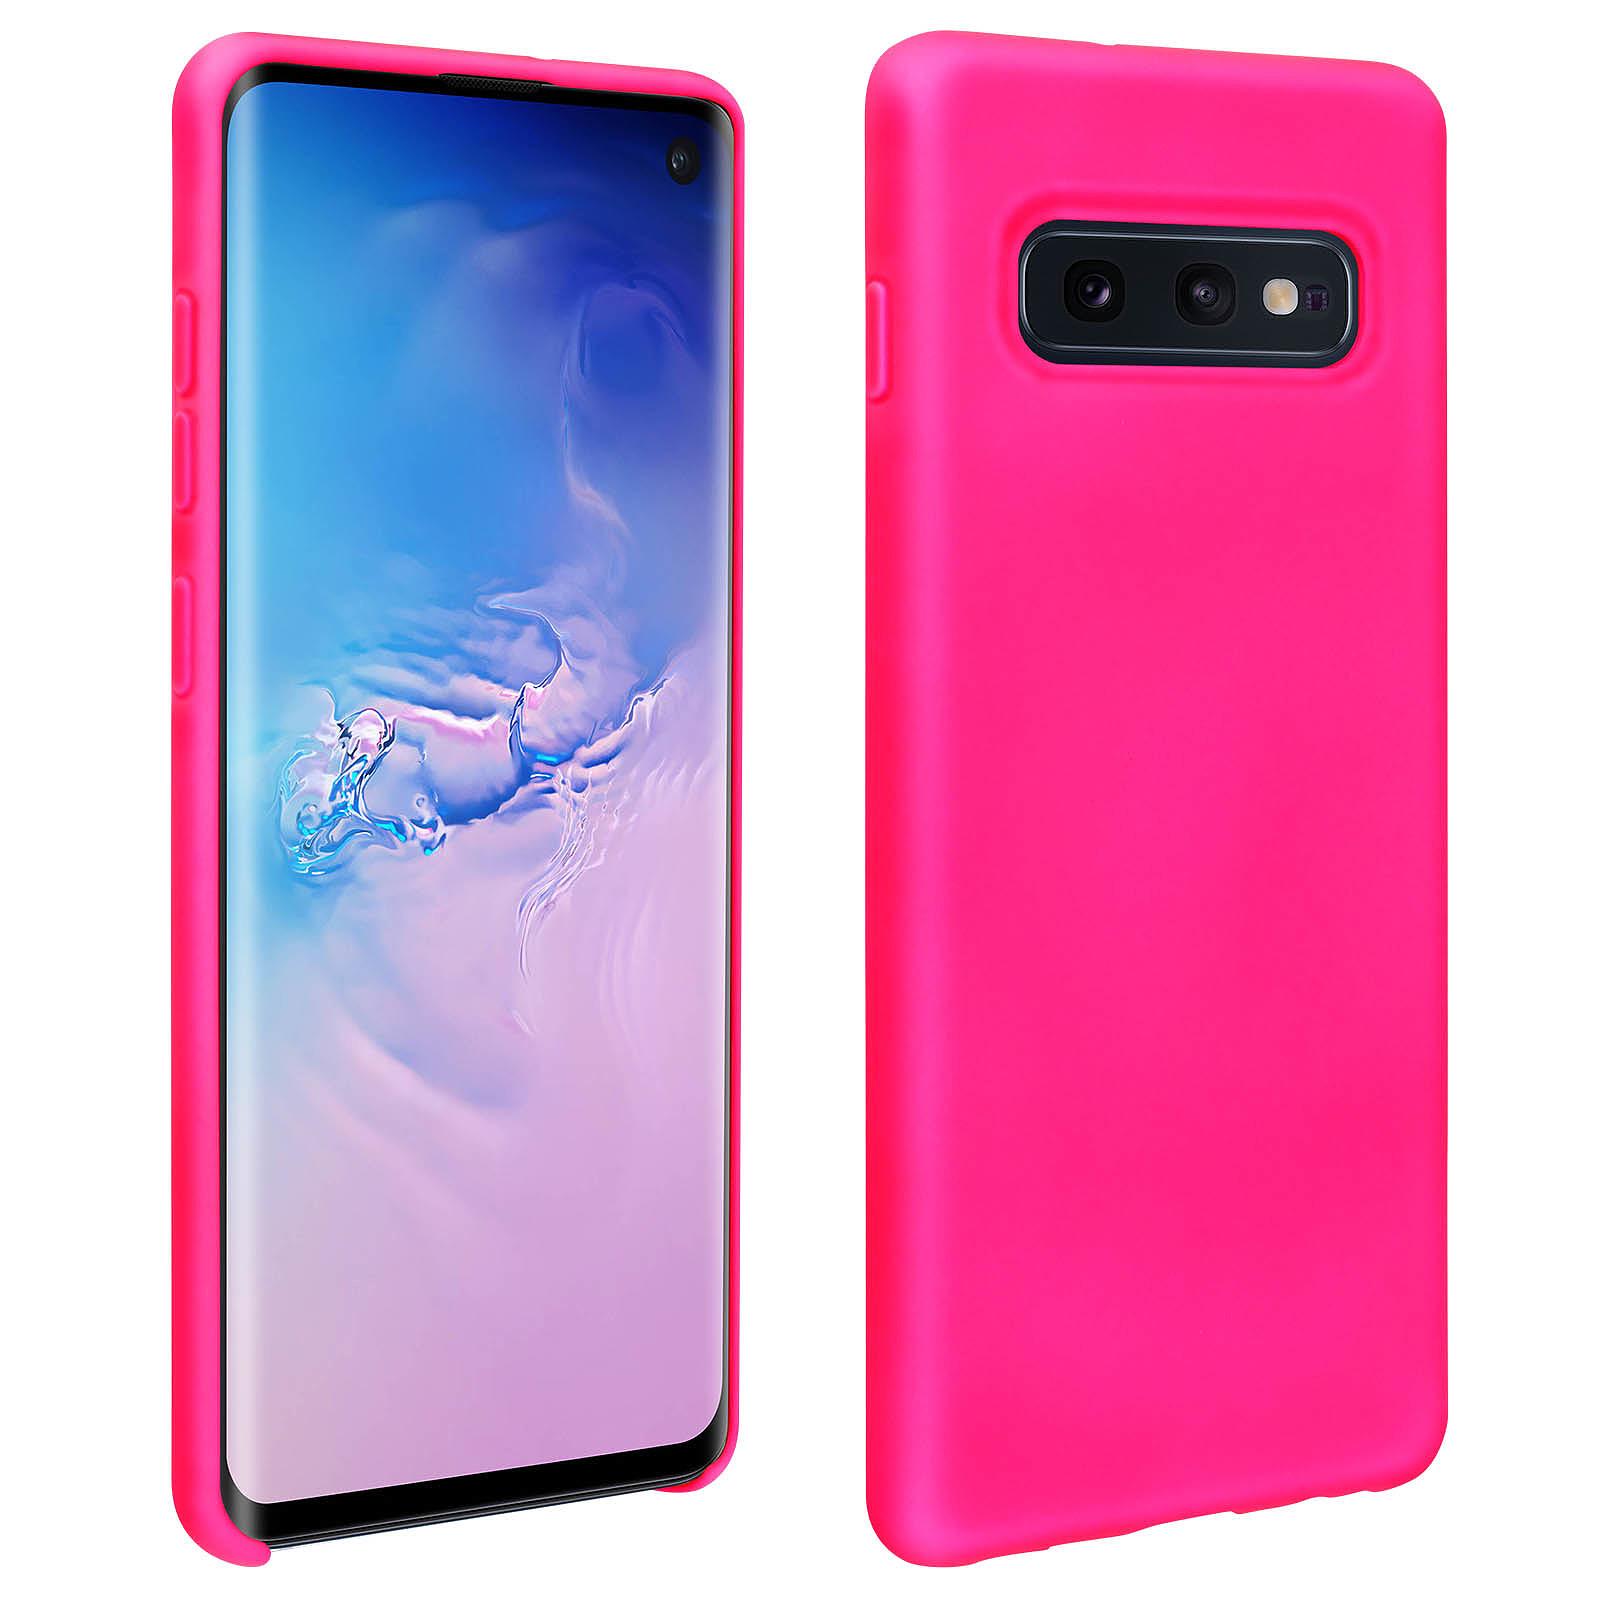 Avizar Coque Rose pour Samsung Galaxy S10e